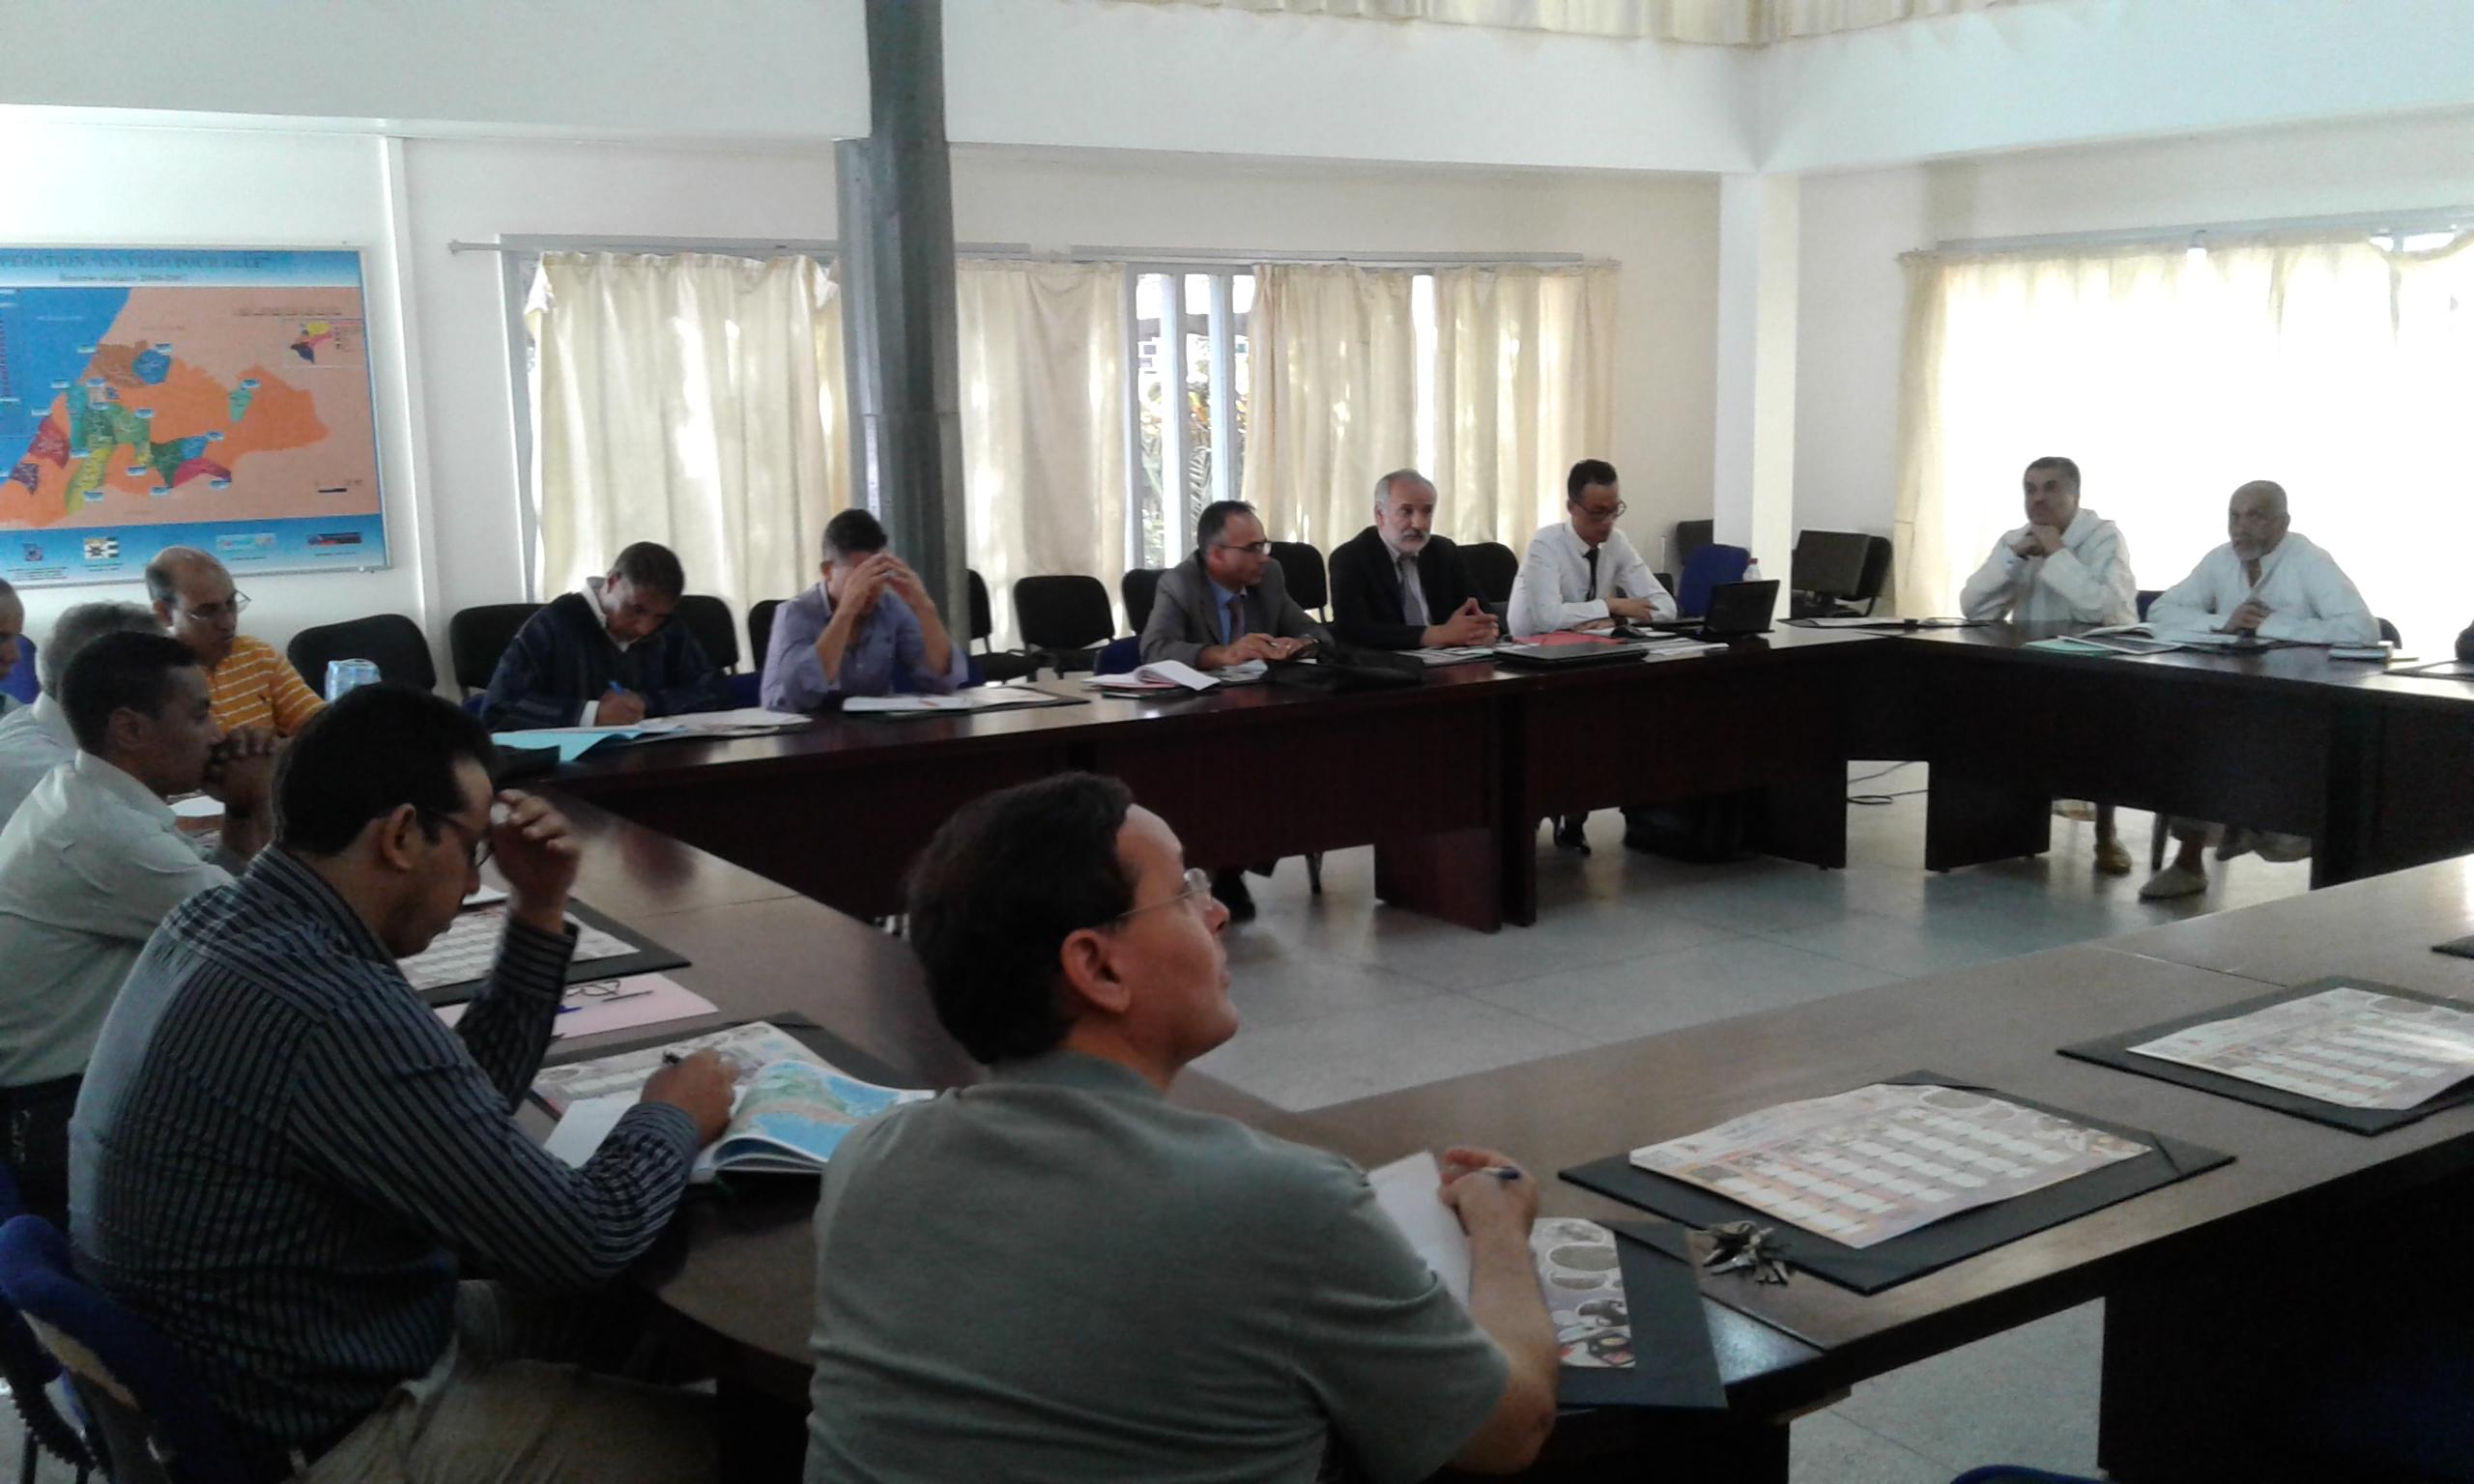 لقاء تواصلي لتقديم الحصيلة المرحلية لتدبير المسالك الدولية للباكلوريا المغربية بالمديرية الاقليمية بتيزنيت